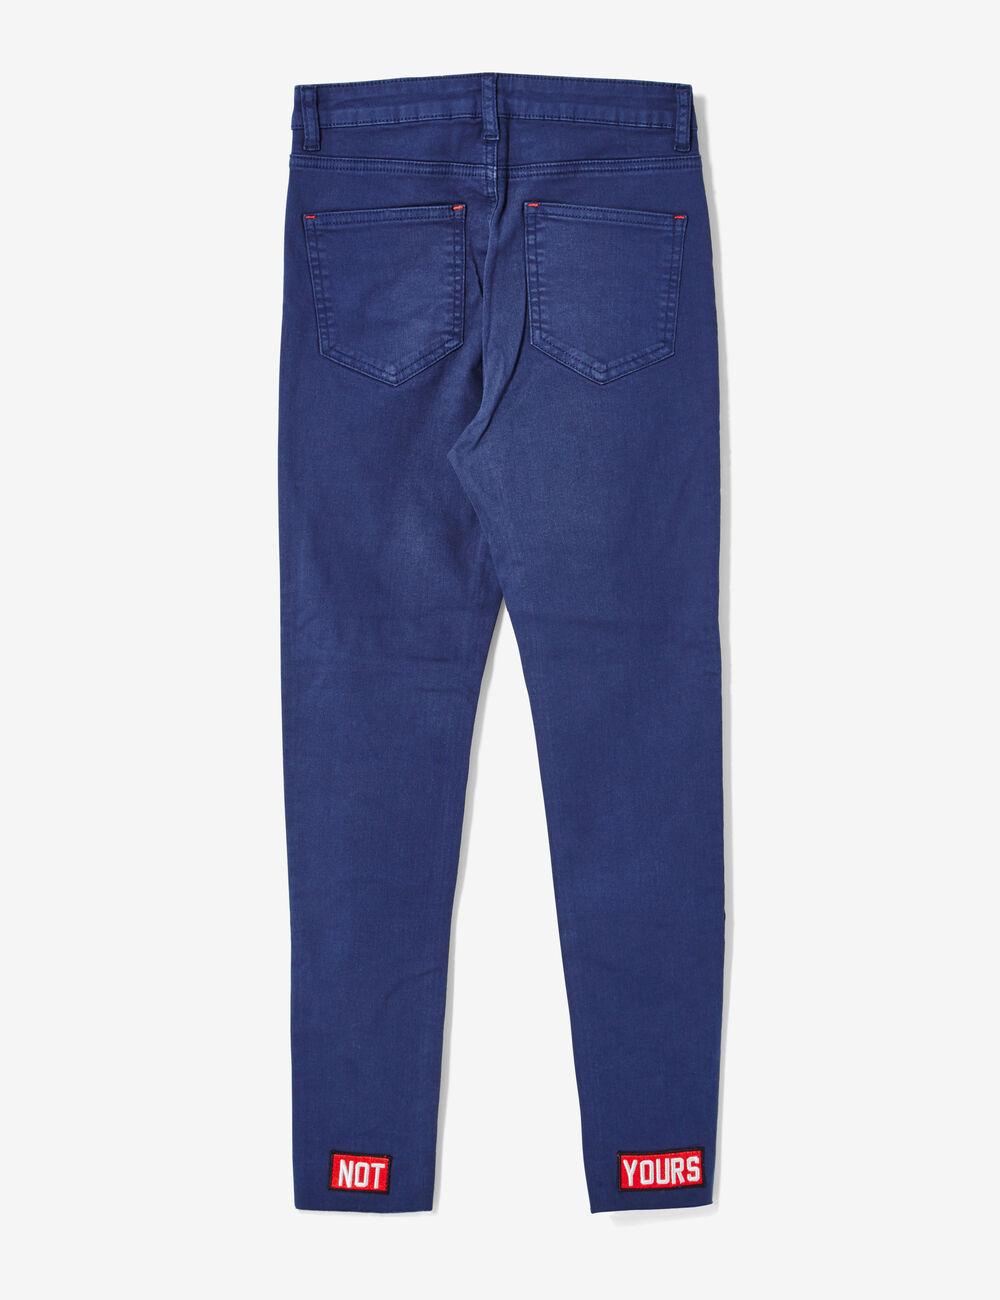 Pantalon avec broderies bleu marine femme jennyfer - Quelle couleur avec pantalon bleu marine ...